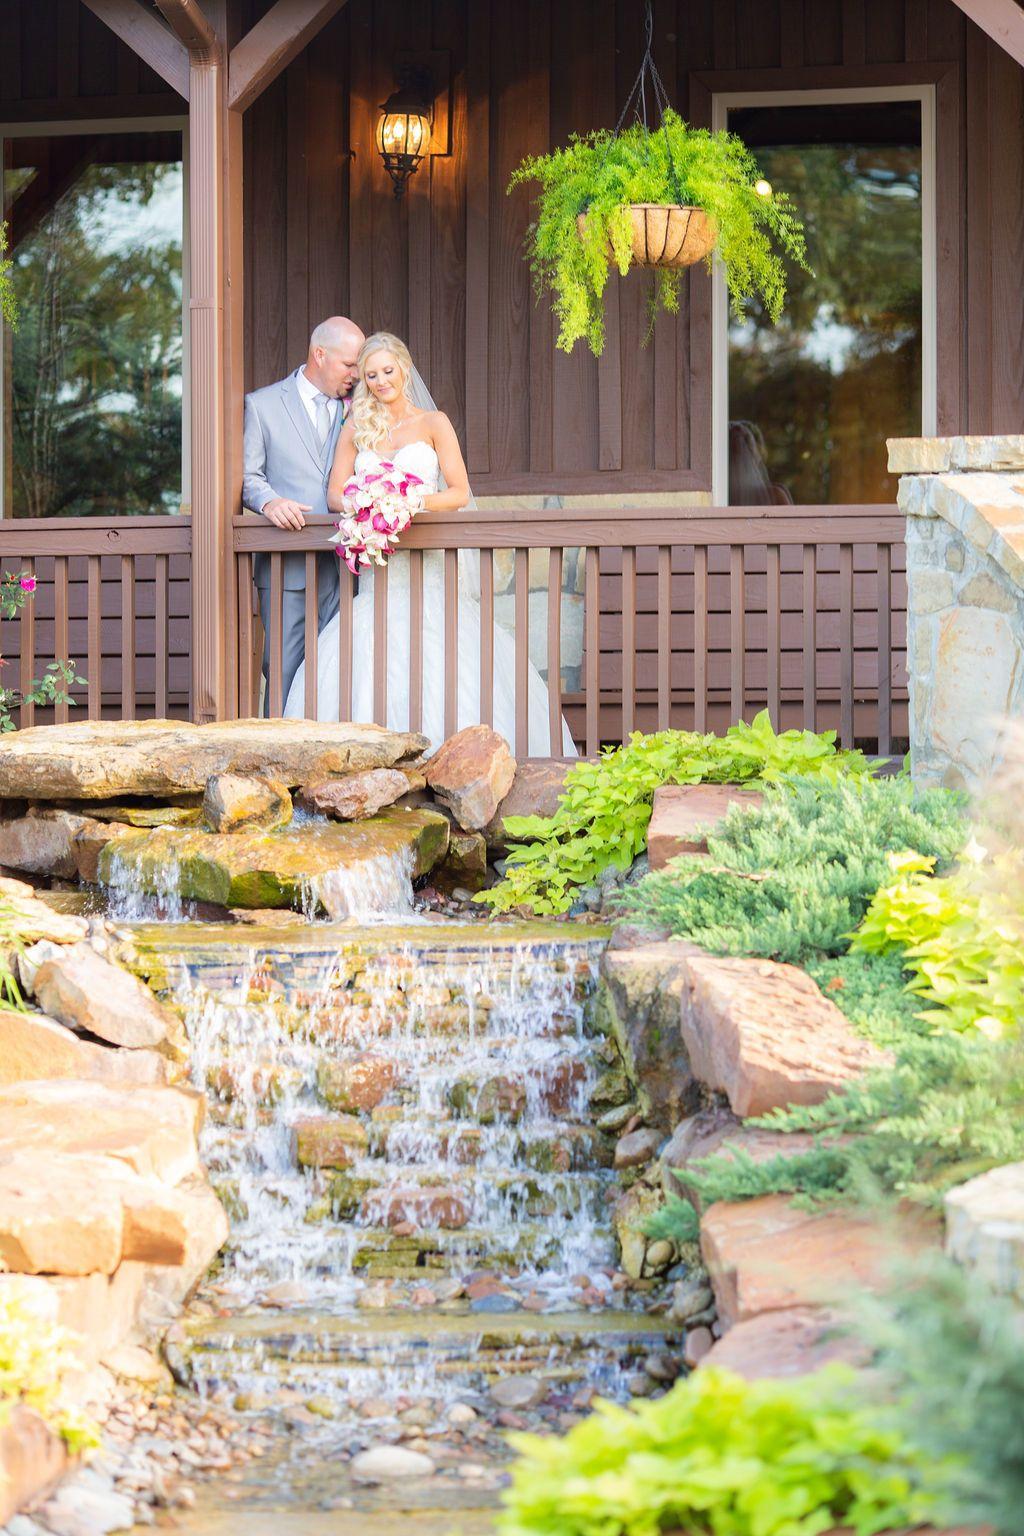 Wedding Venue Tulsa Oklahoma Tulsa wedding venues